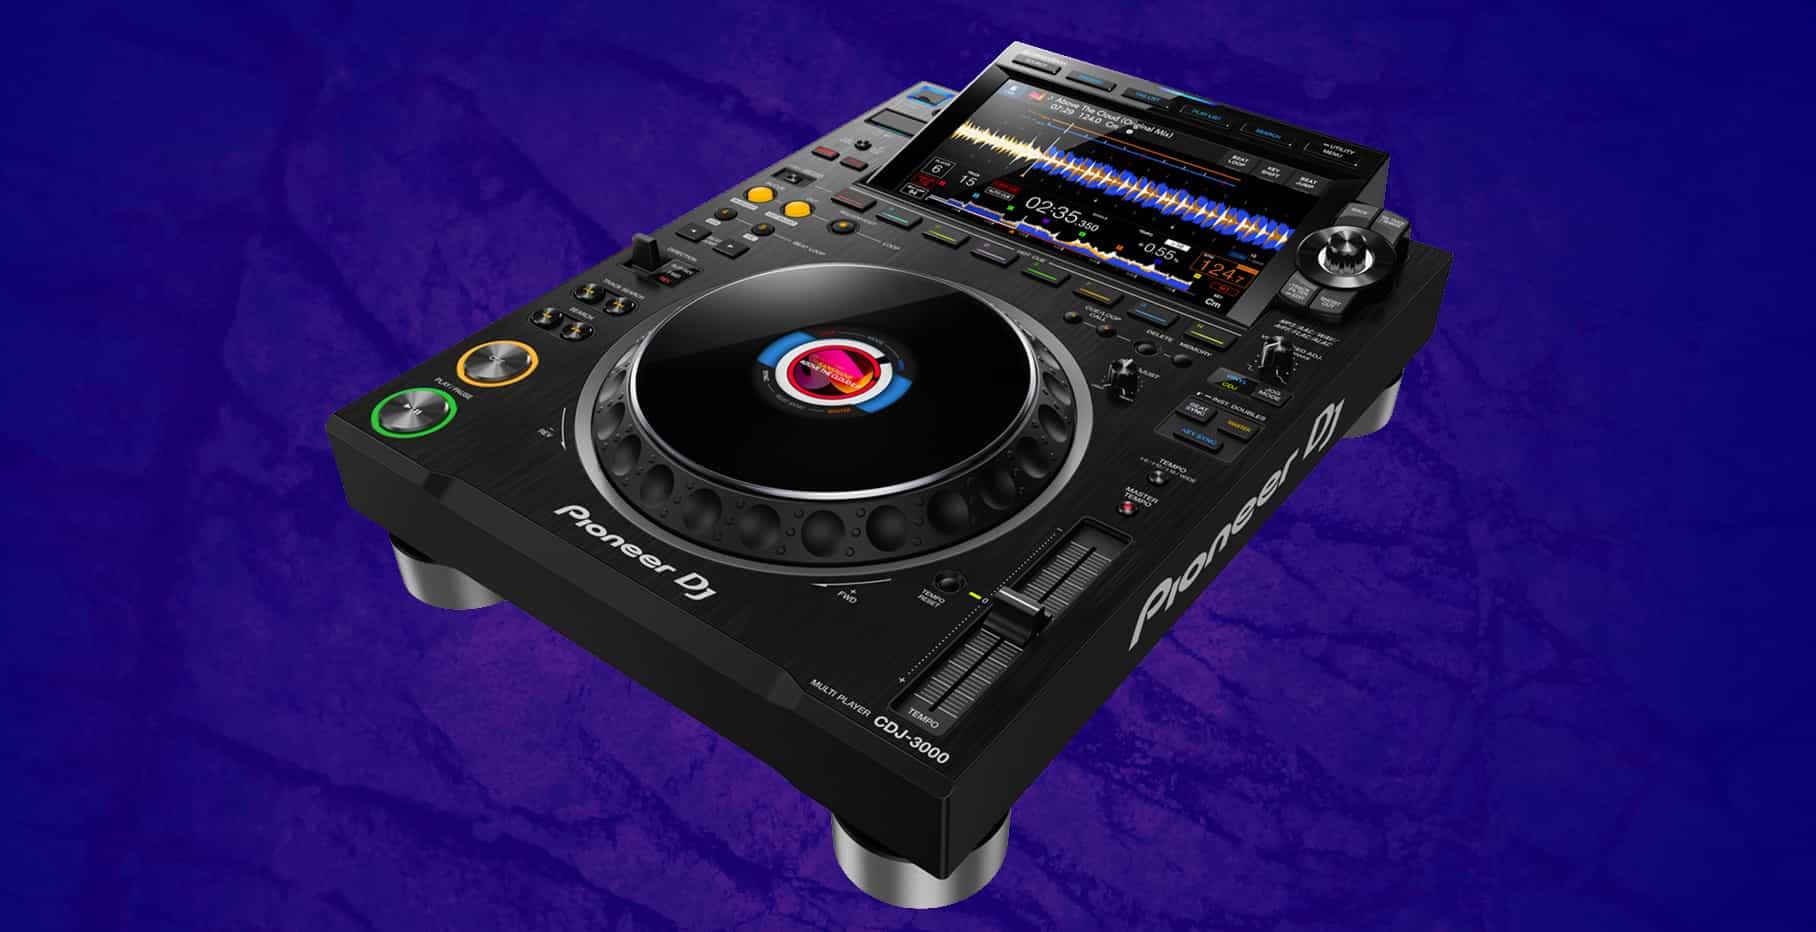 Este es el DJ Pioneer CDJ-3000 17